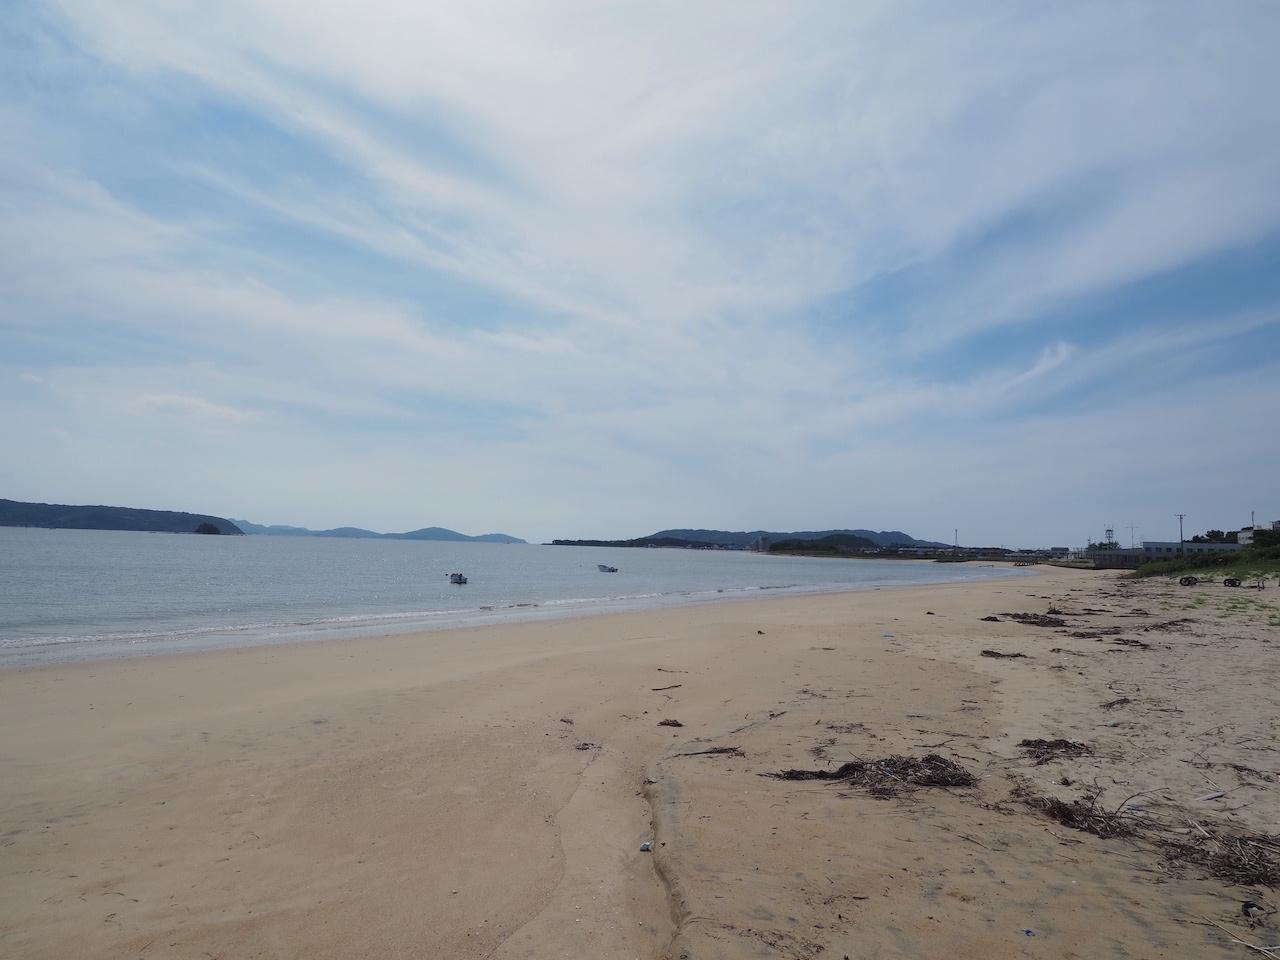 歩いて3分でこの海岸。